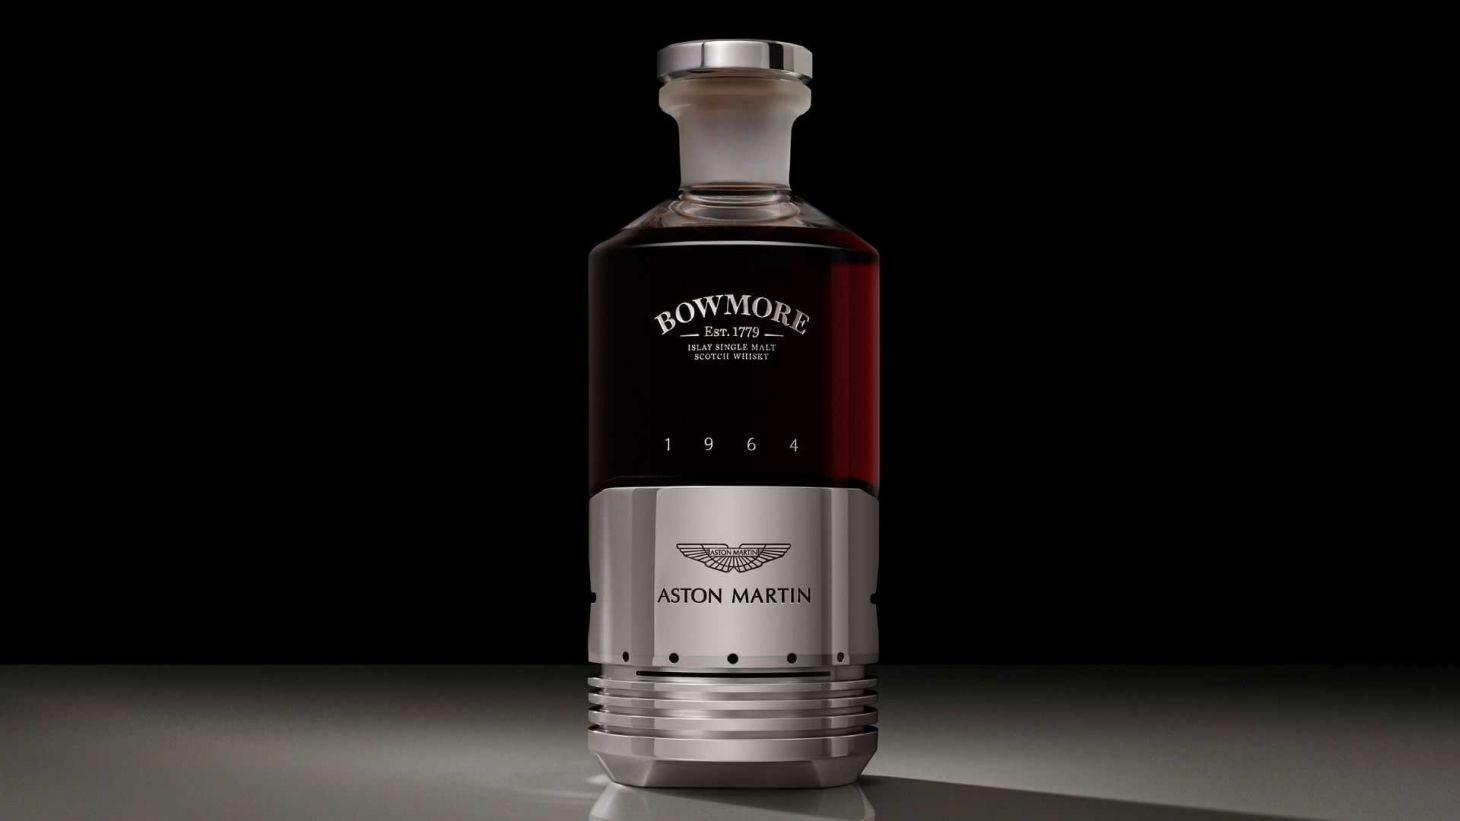 garrafa bowmore db5